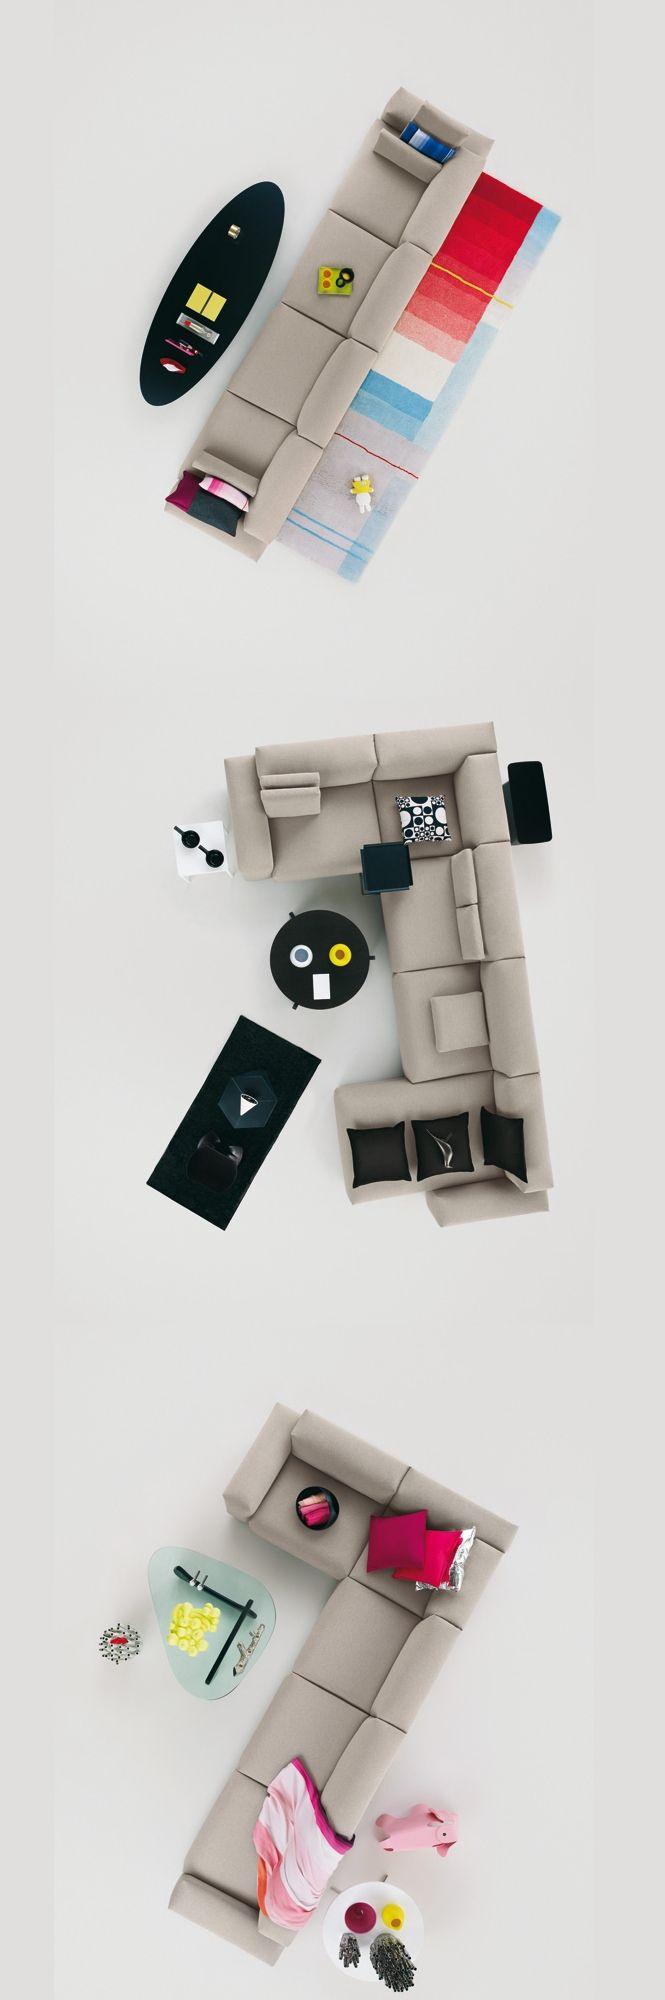 http://cdn.home-designing.com/wp-content/uploads/2012/02/Modern-grey-modular-sofa.jpeg